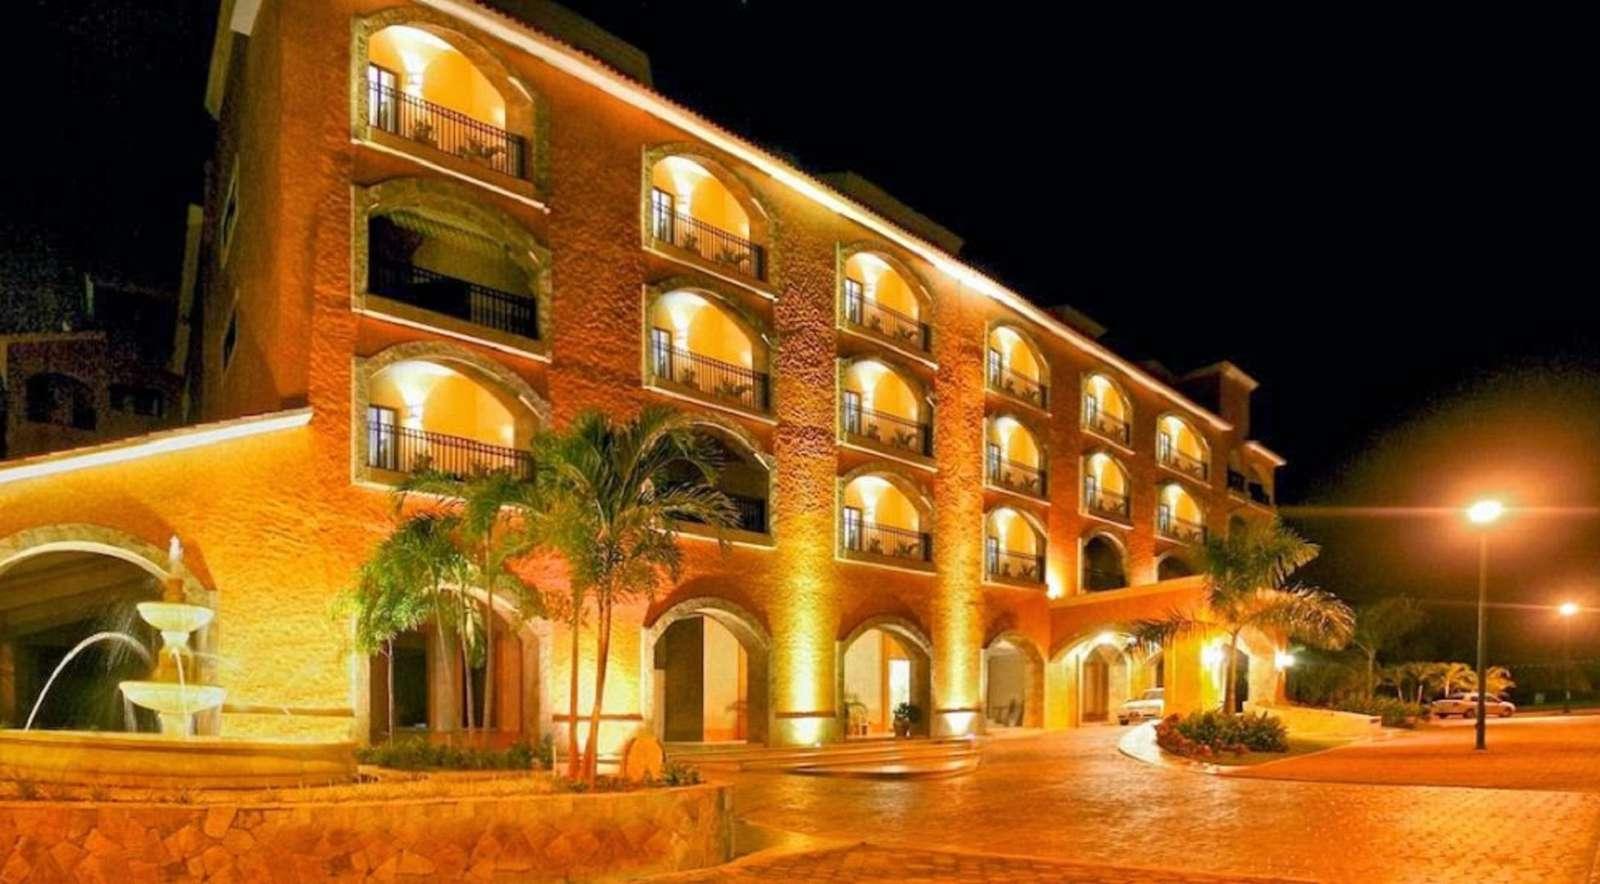 Condo building at night